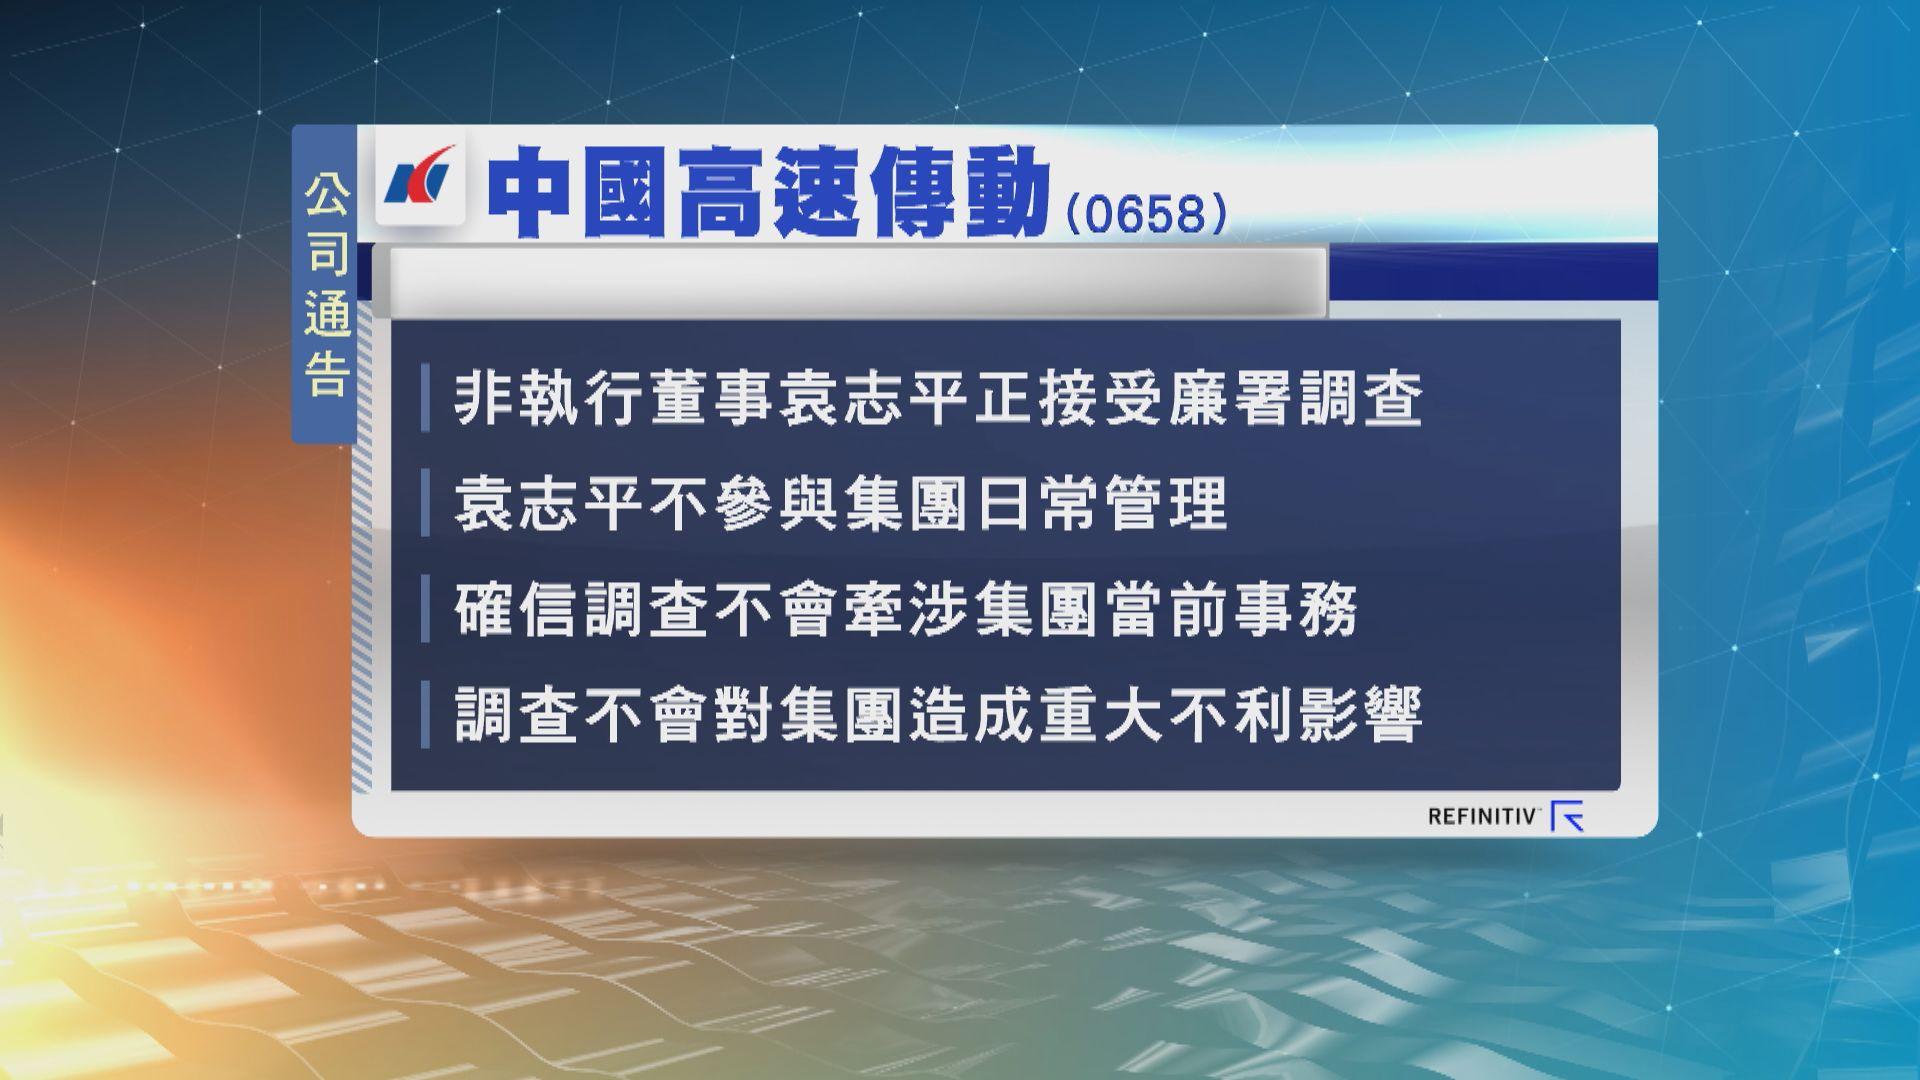 中國高速傳動非執行董事袁志平正接受廉政公署調查